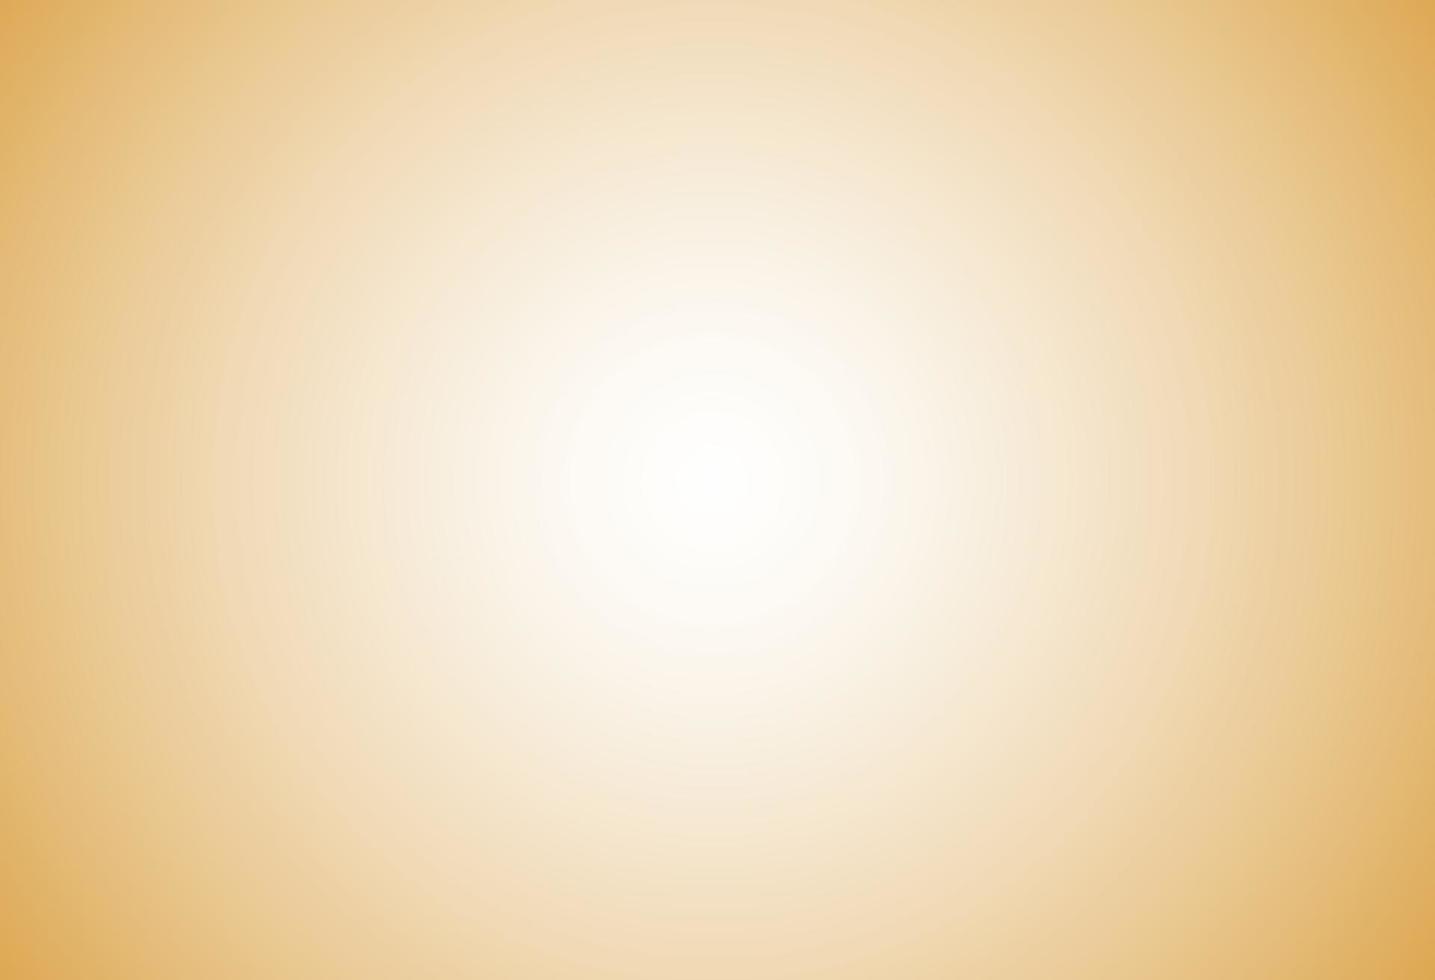 vecteur or style dégradé flou. fond d'écran abstrait illustration de fond de luxe